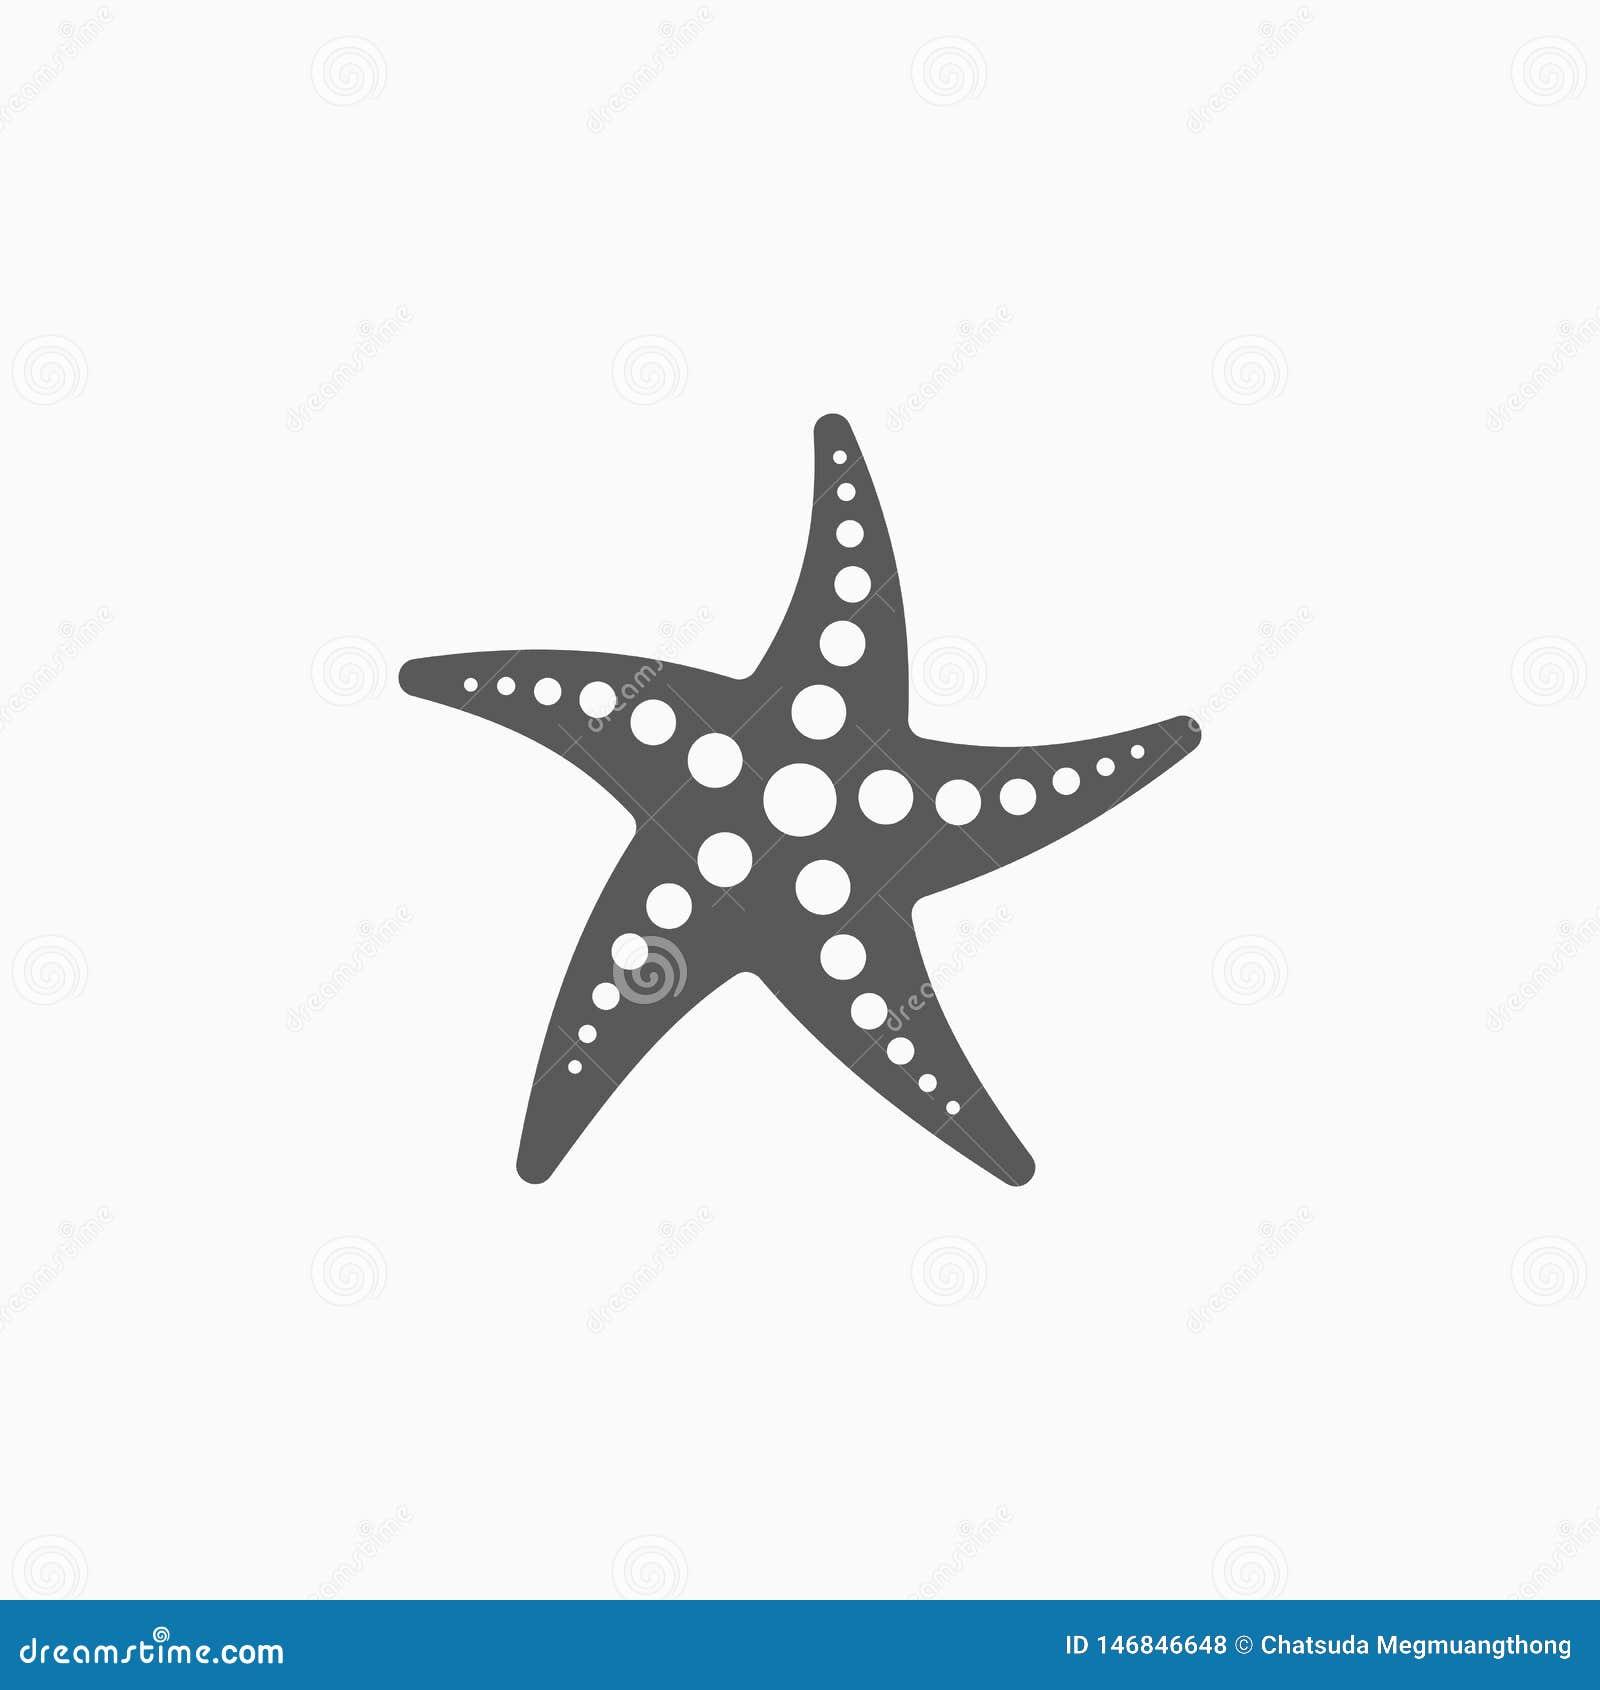 Ícone da estrela do mar, estrela, escudo, fuzileiro naval, animal